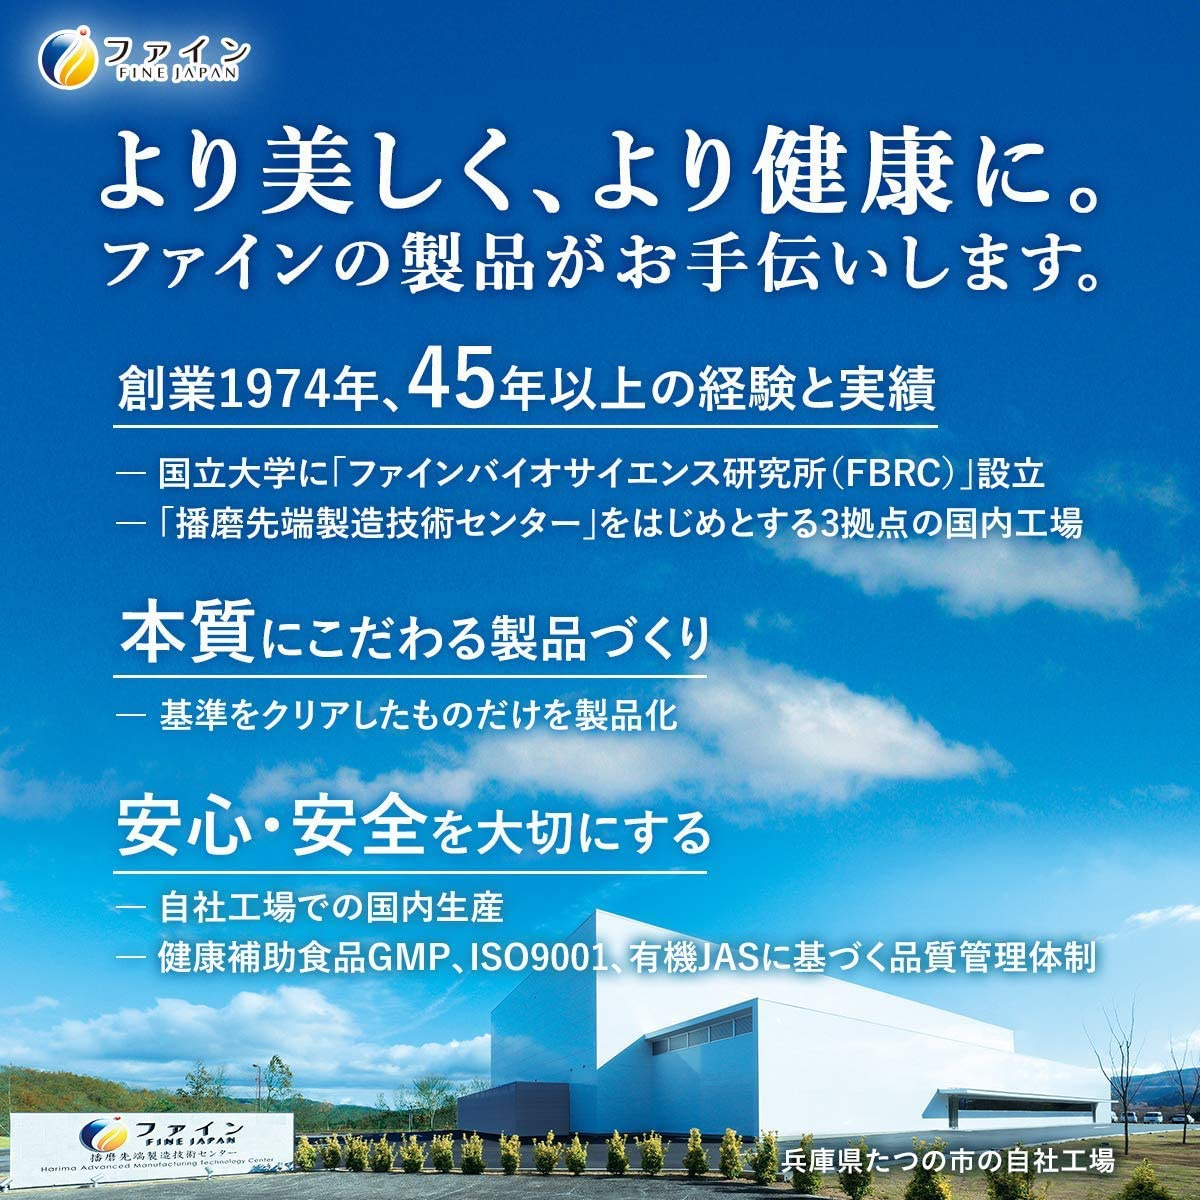 FINE(ファイン) AYA'sセレクション プロテイン ダイエット スムージーの商品画像7